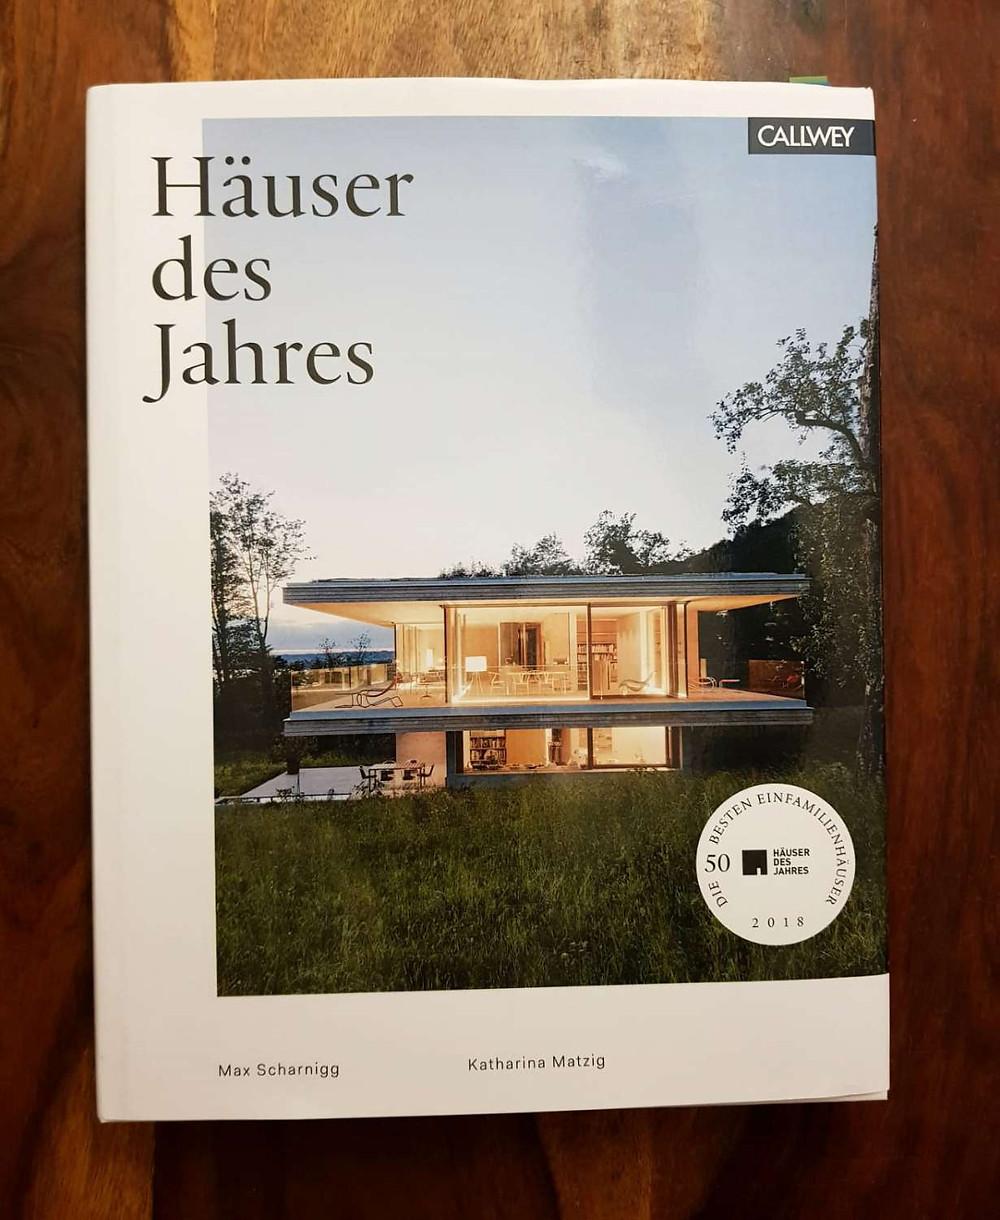 Häuser des Jahres 2018 - Max Scharnigg & Katharina Matzig